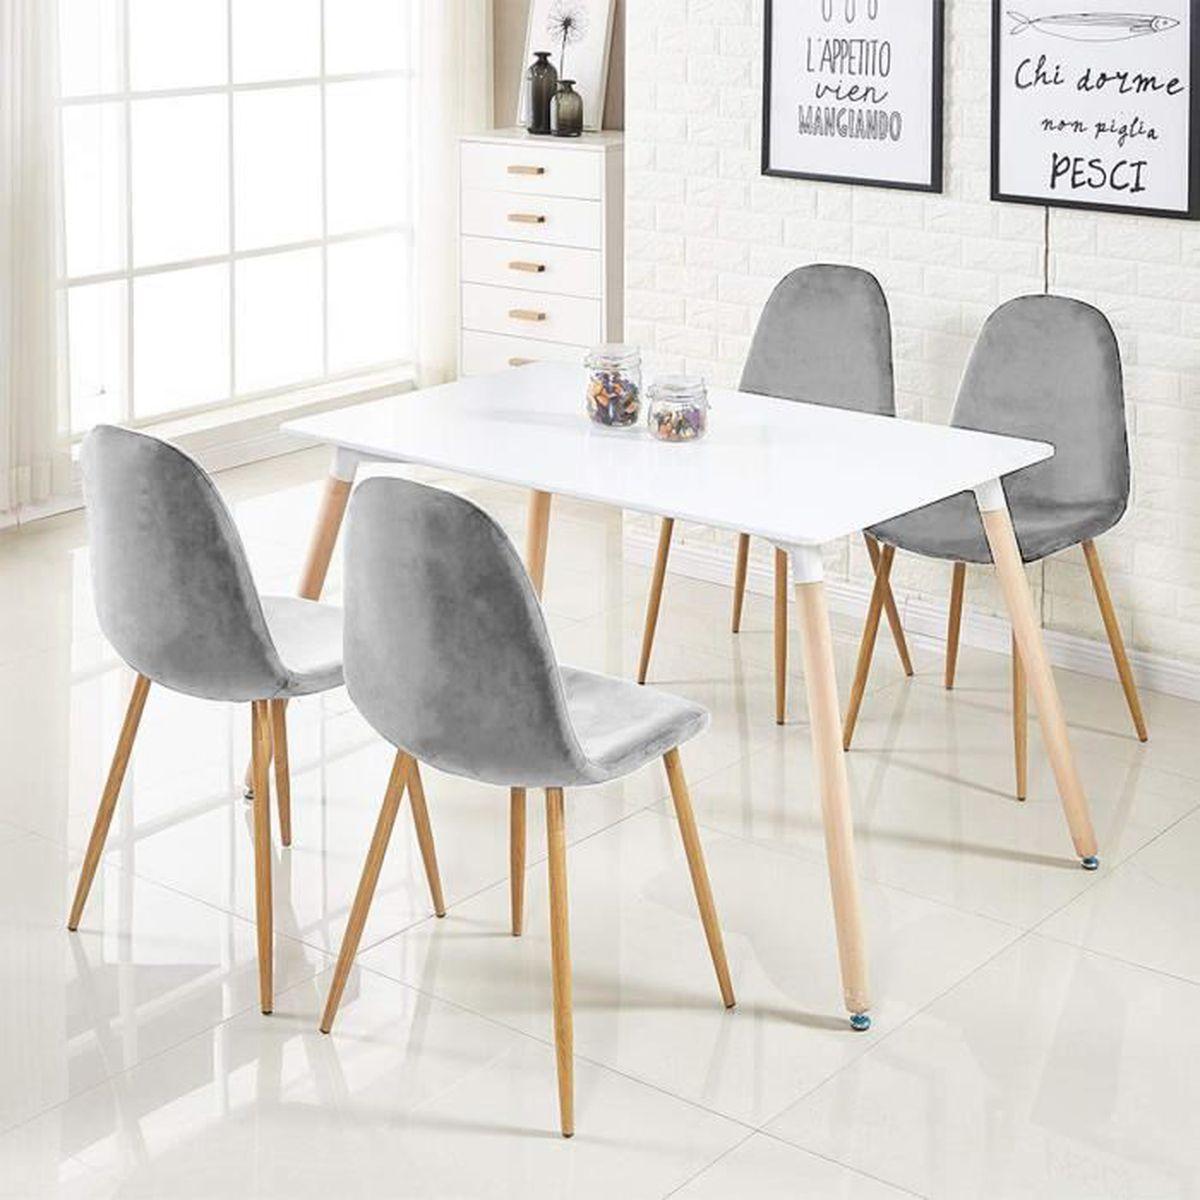 Salon Table À Manger 5pcs: 1 table blanc + 4 chaises velours gris clair, pour